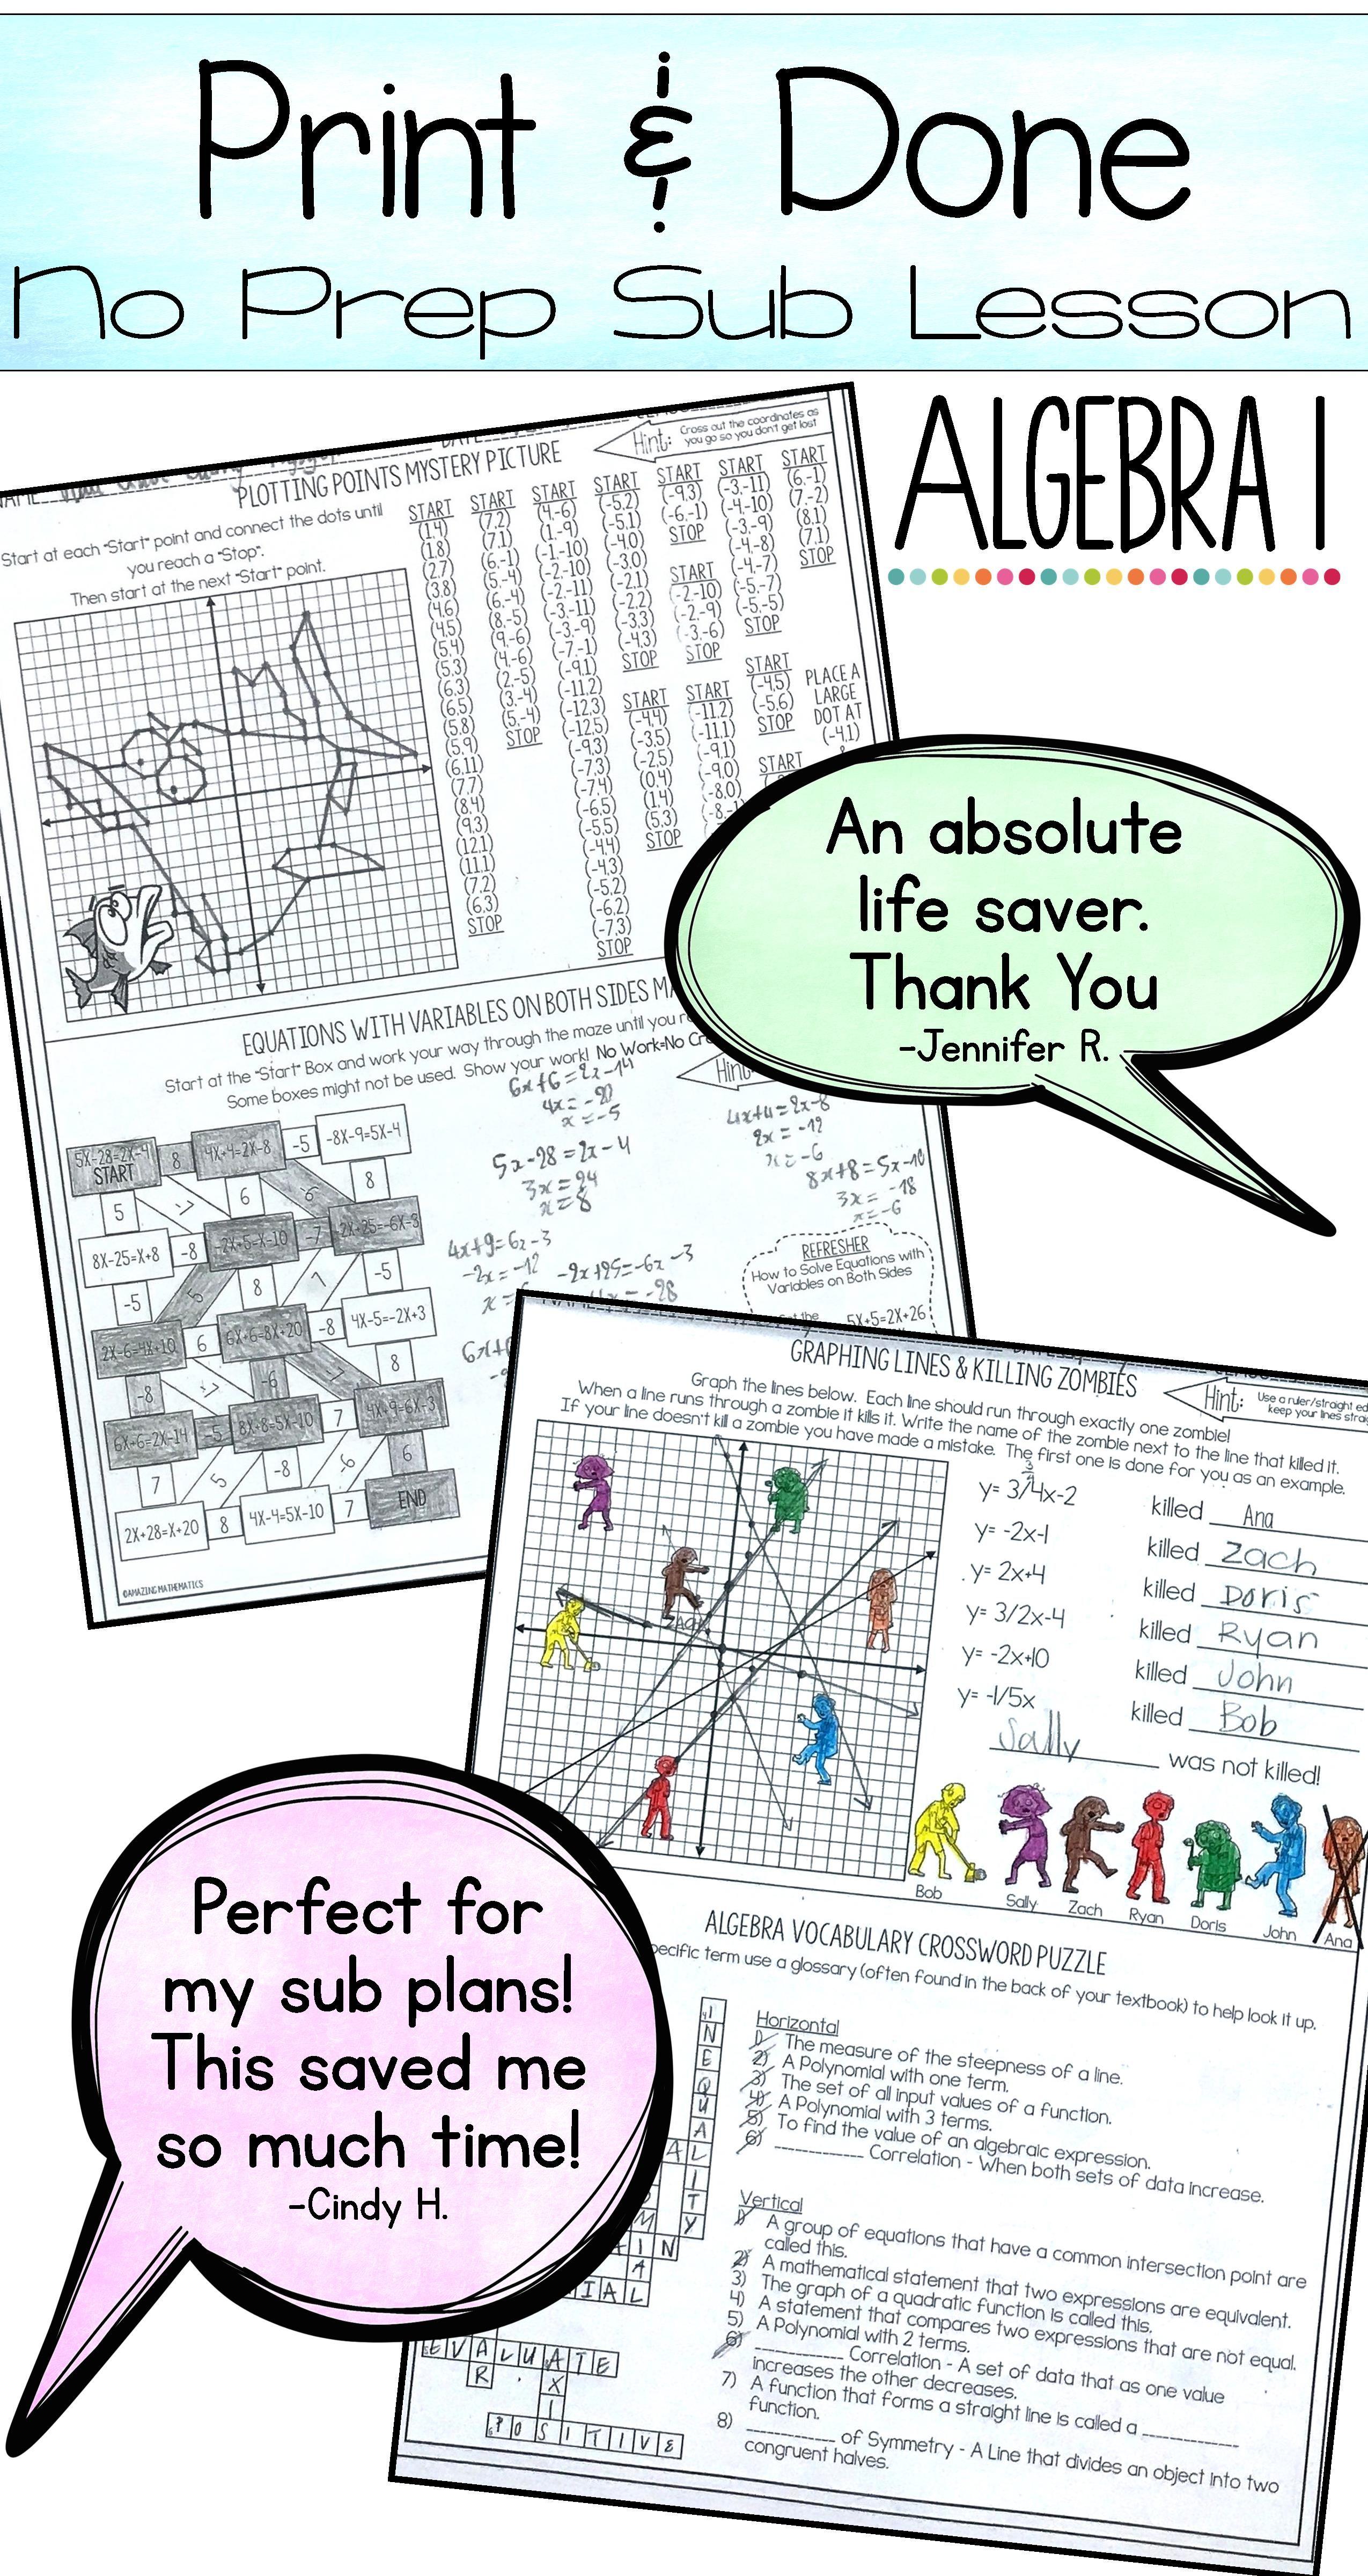 Algebra 1 No Prep Sub Lesson Substitute Teacher Activity